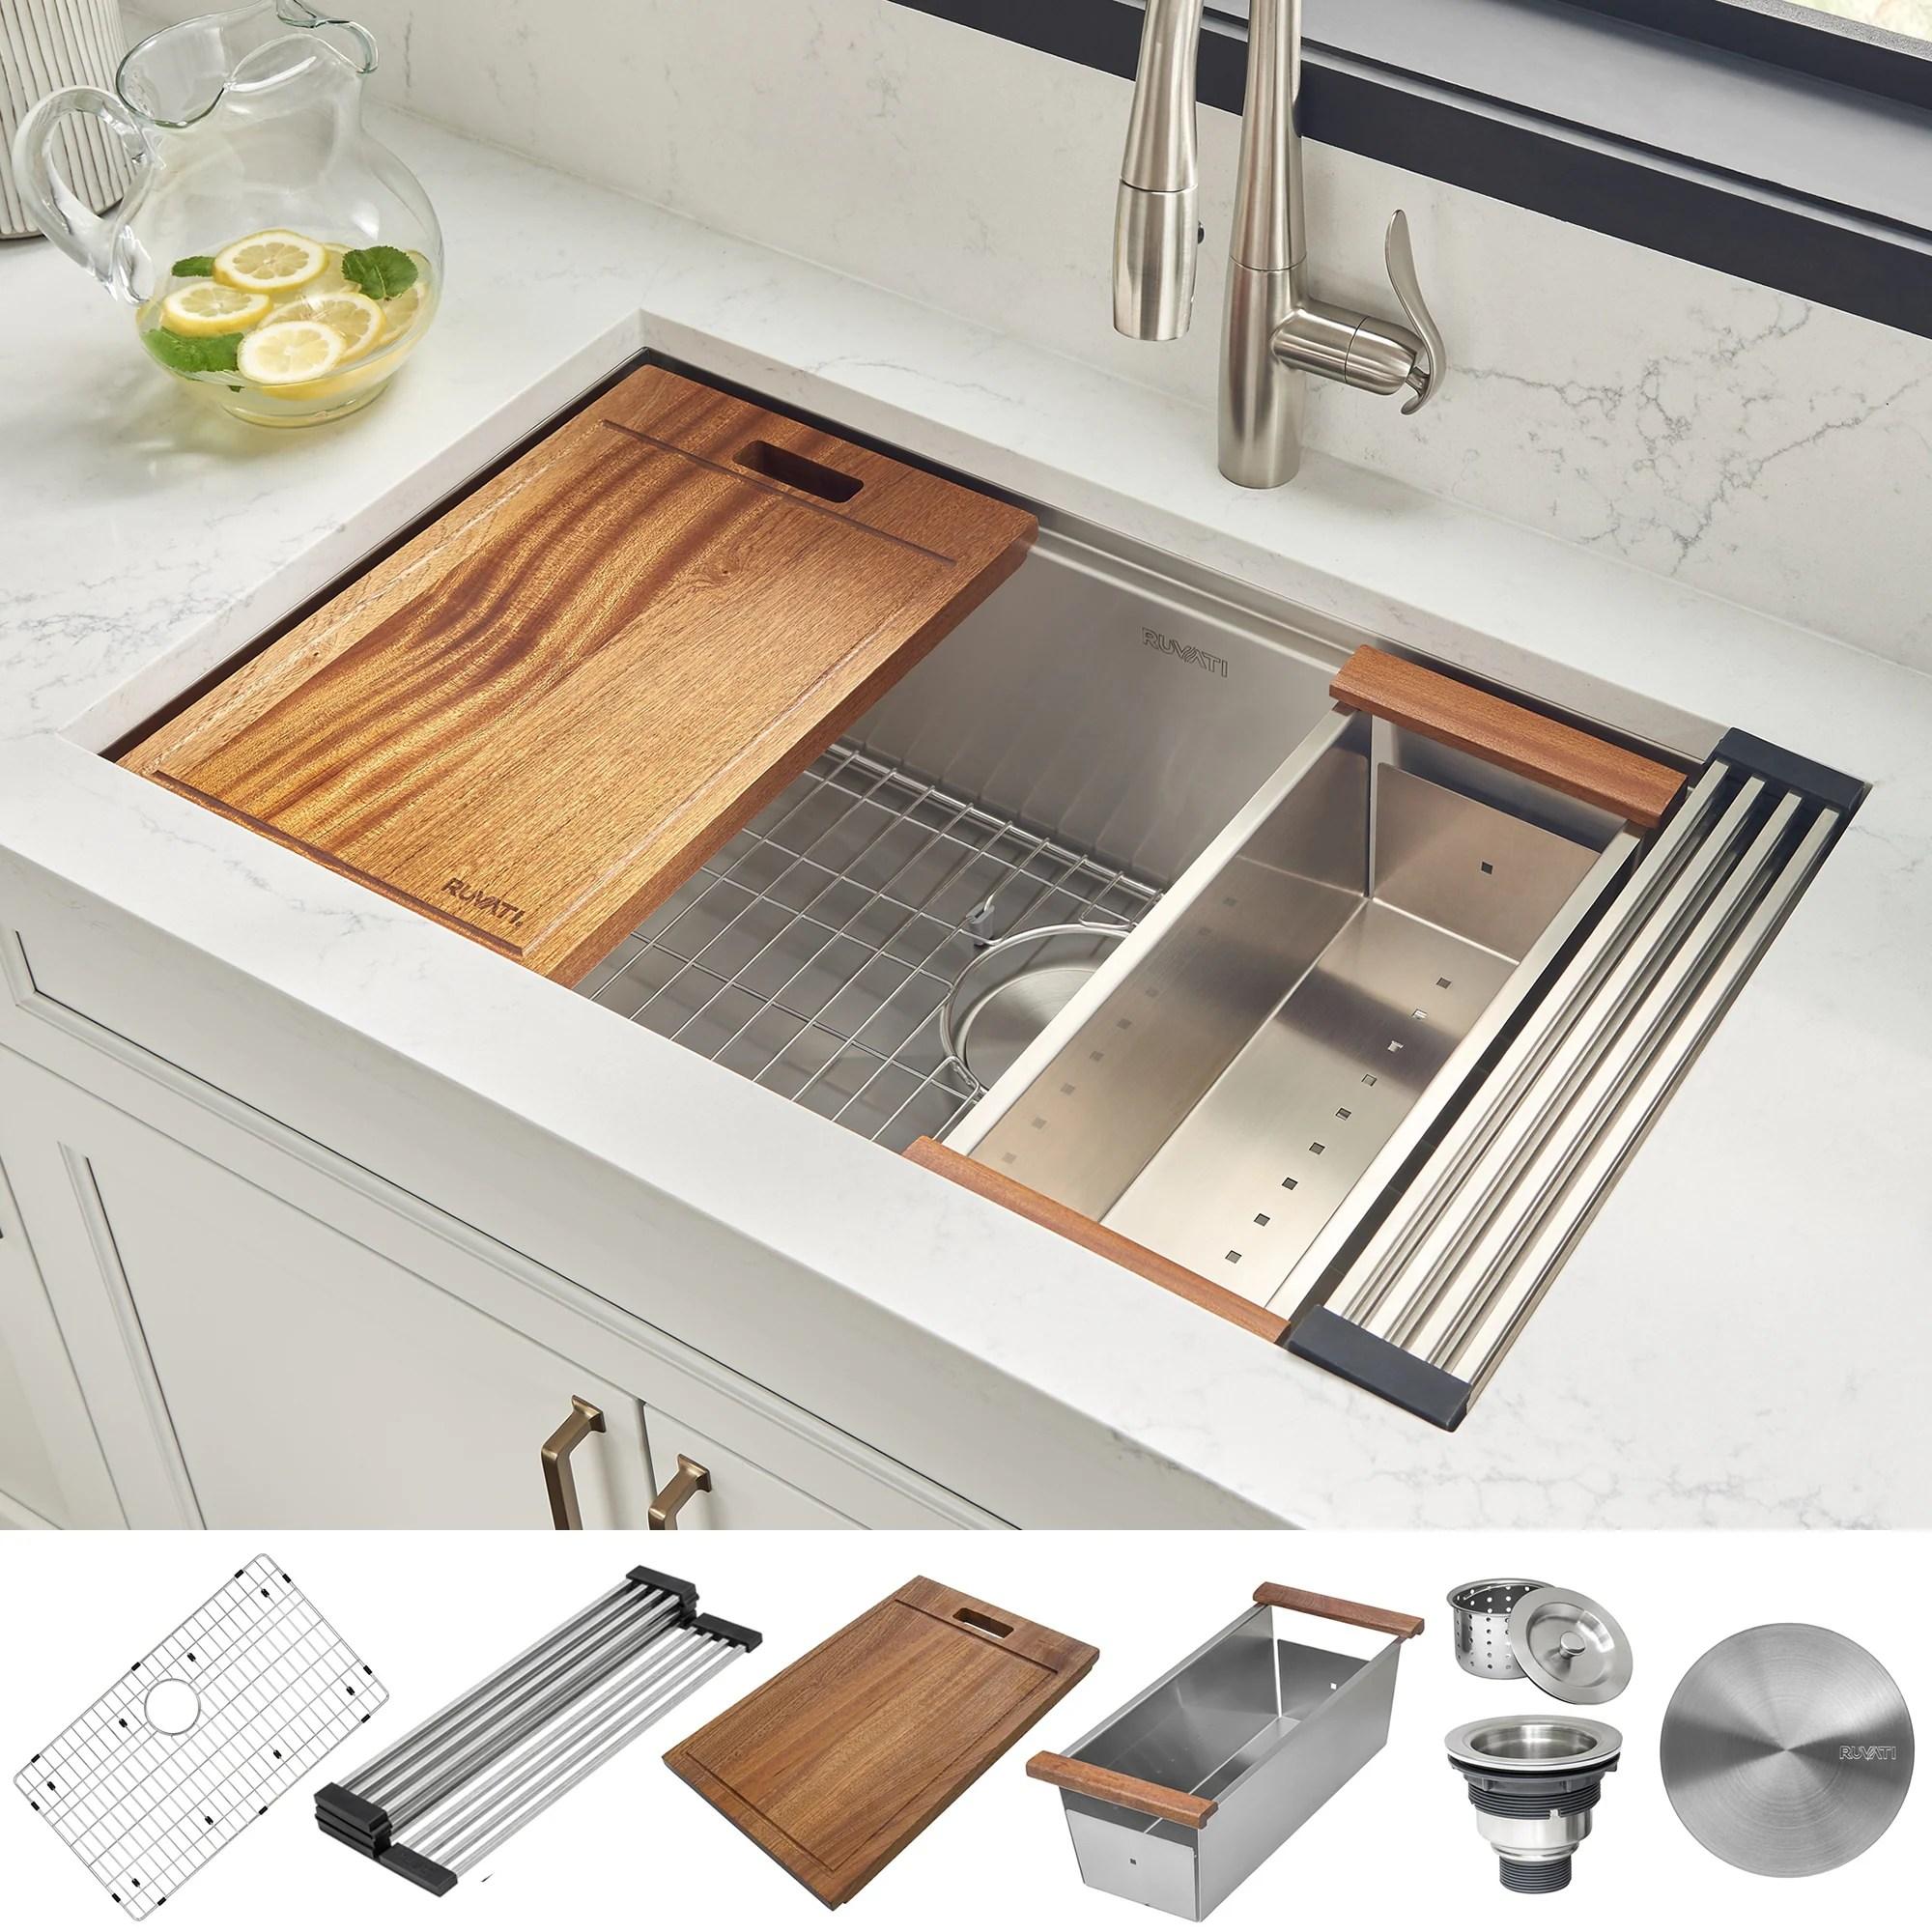 ruvati 28 inch workstation ledge undermount 16 gauge stainless steel kitchen sink single bowl rvh8309 26 1 2 x 16